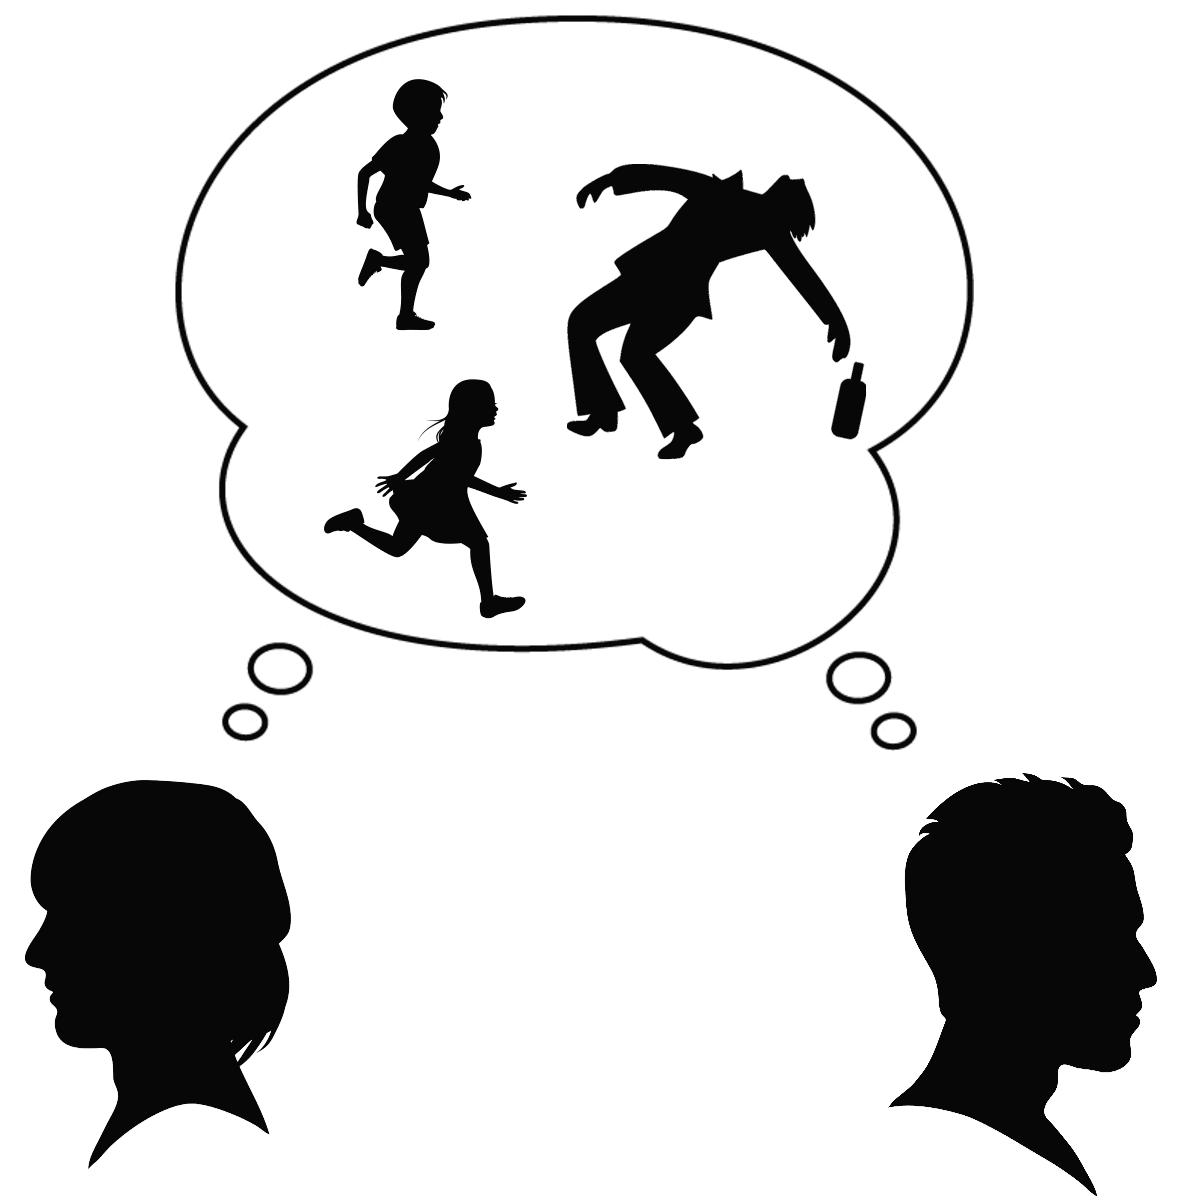 アダルトチルドレンとアルコール依存症の関係を表しているイラスト